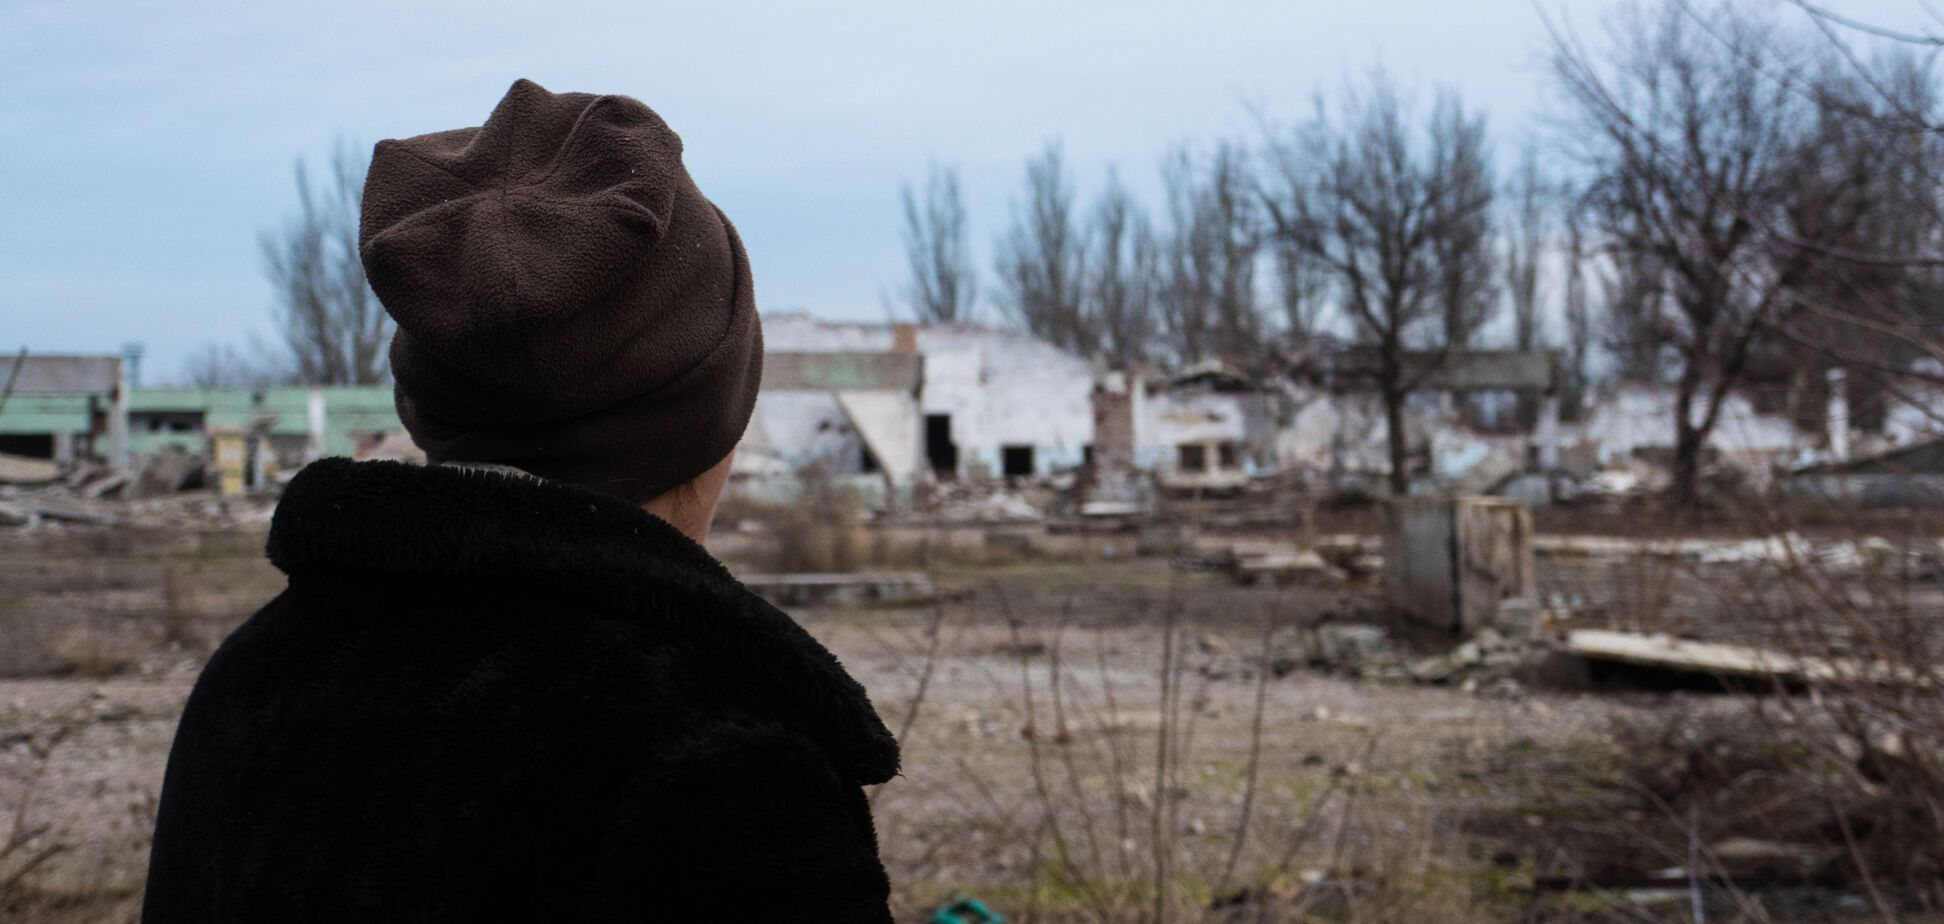 Ковбаса по 900 рублів: розповідь з 'ДНР' про жахливе життя під Росією